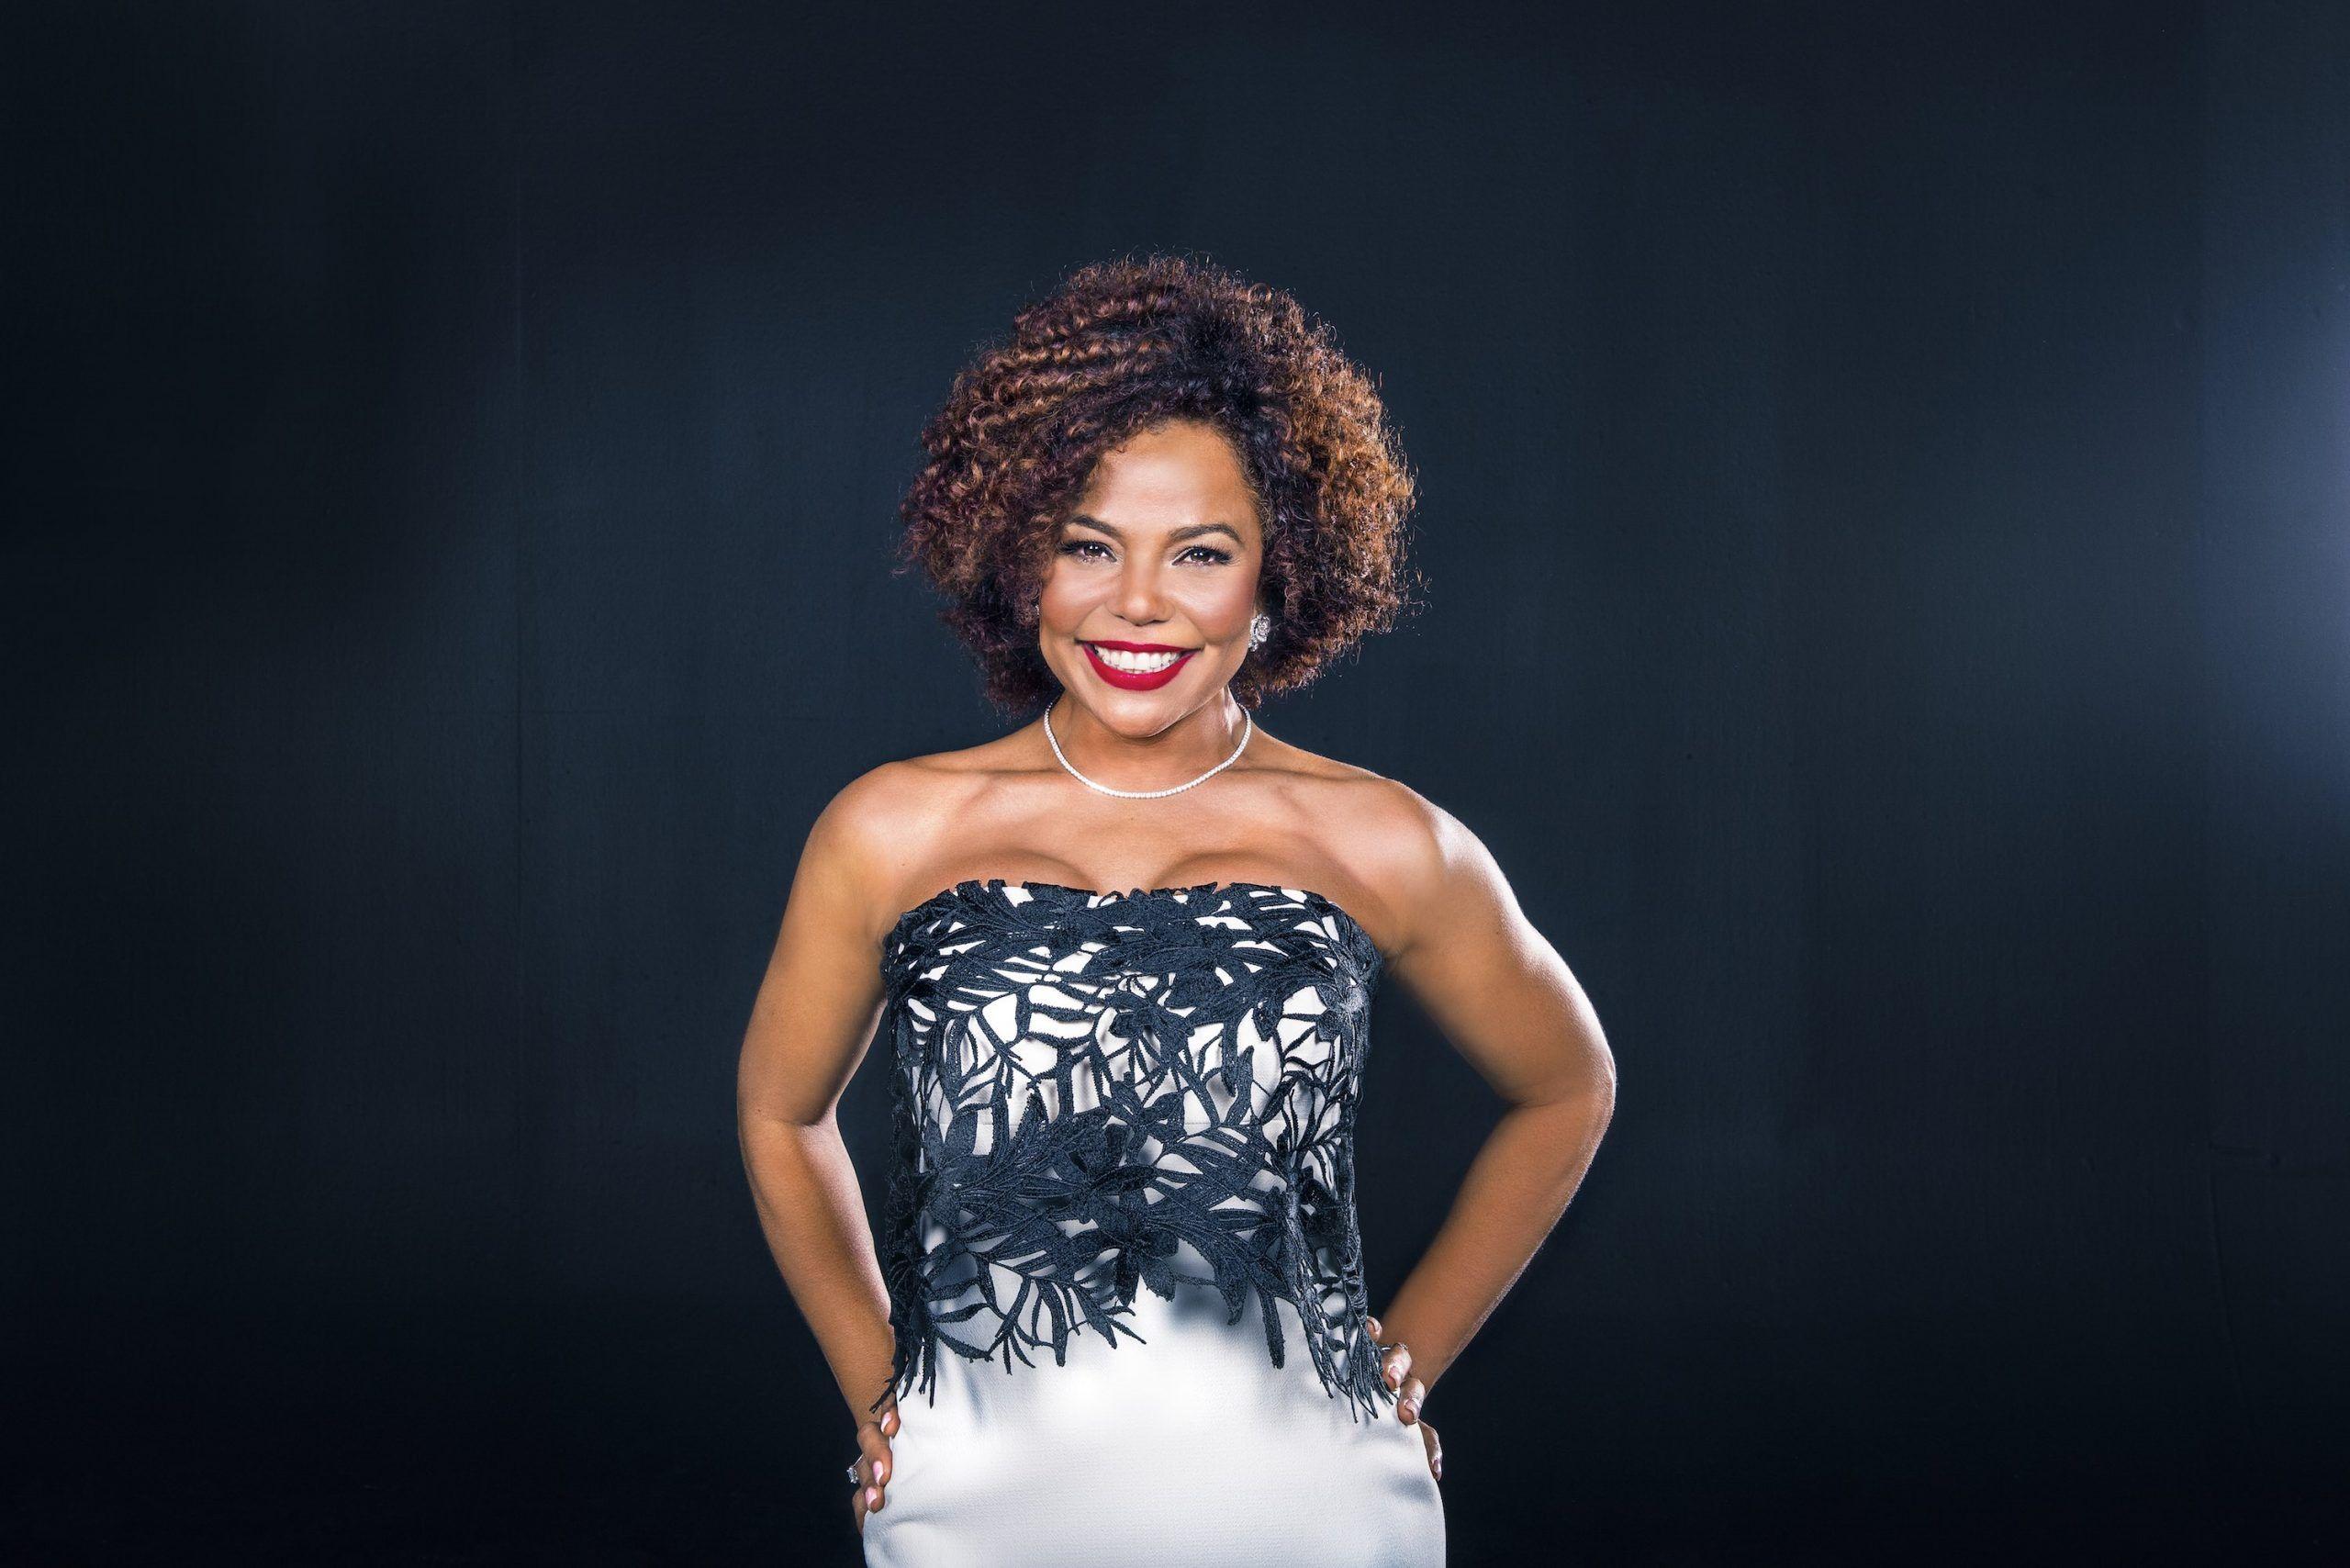 El programa, que cuenta con tres episodios de una hora, será filmado en el hotel Barceló Bávaro Grand Resort en Punta Cana y contará con un espectacular elenco femenino que incluirá elementos culturales.